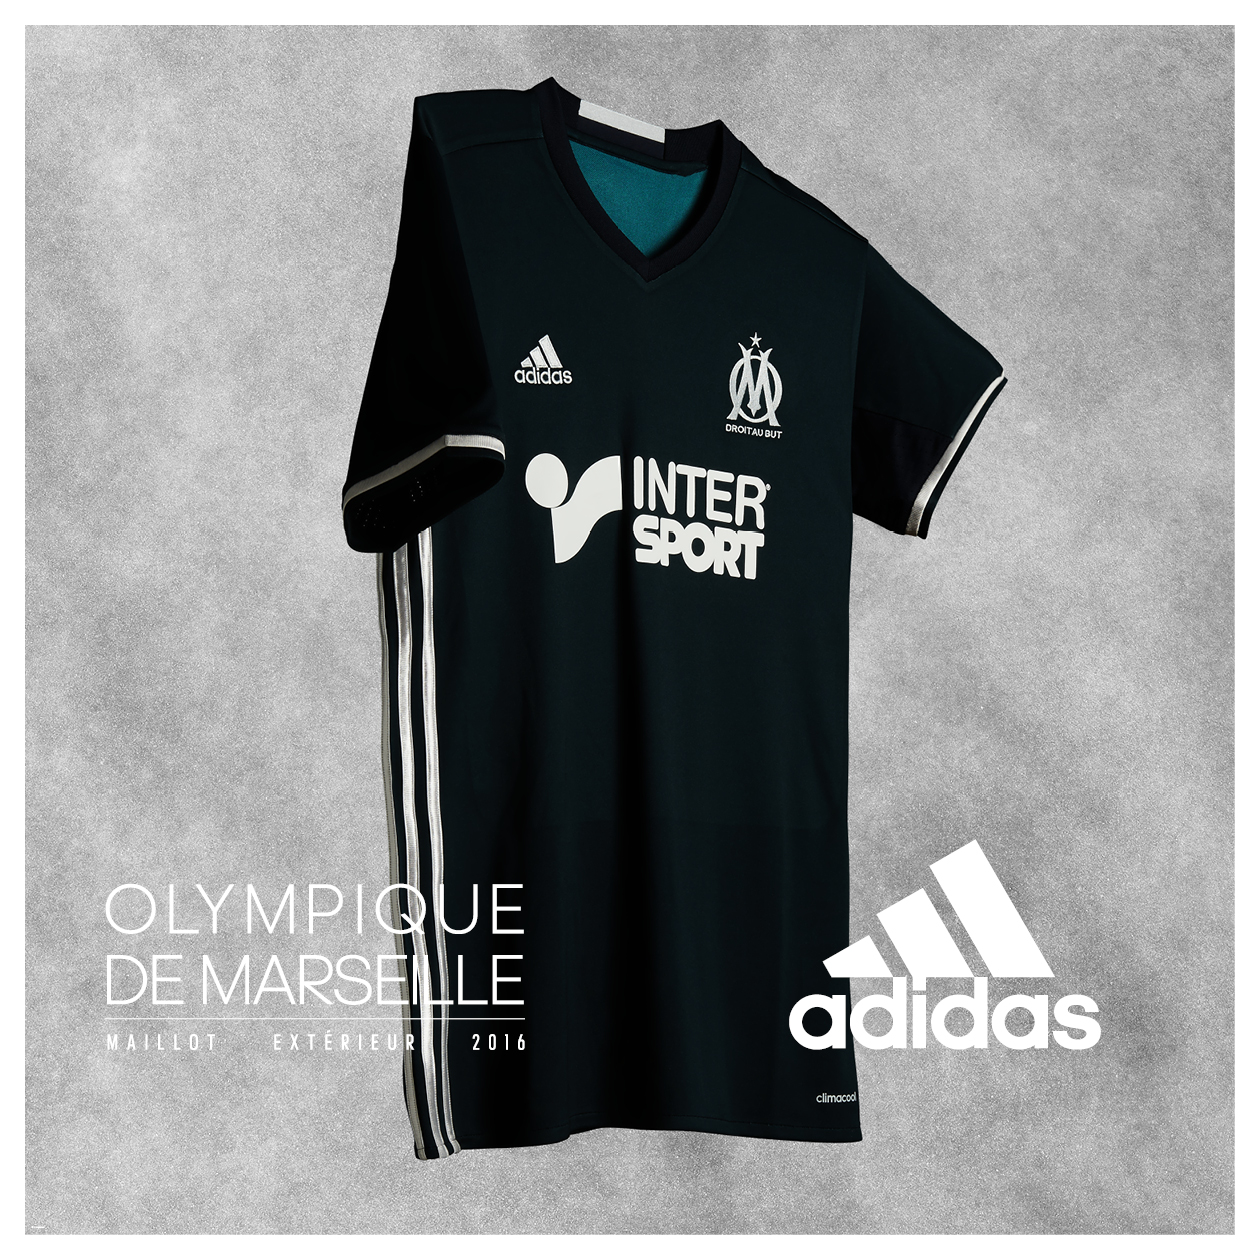 Adidas Marseille Adidas De Basket Olympique Basket De nk80OwPNX